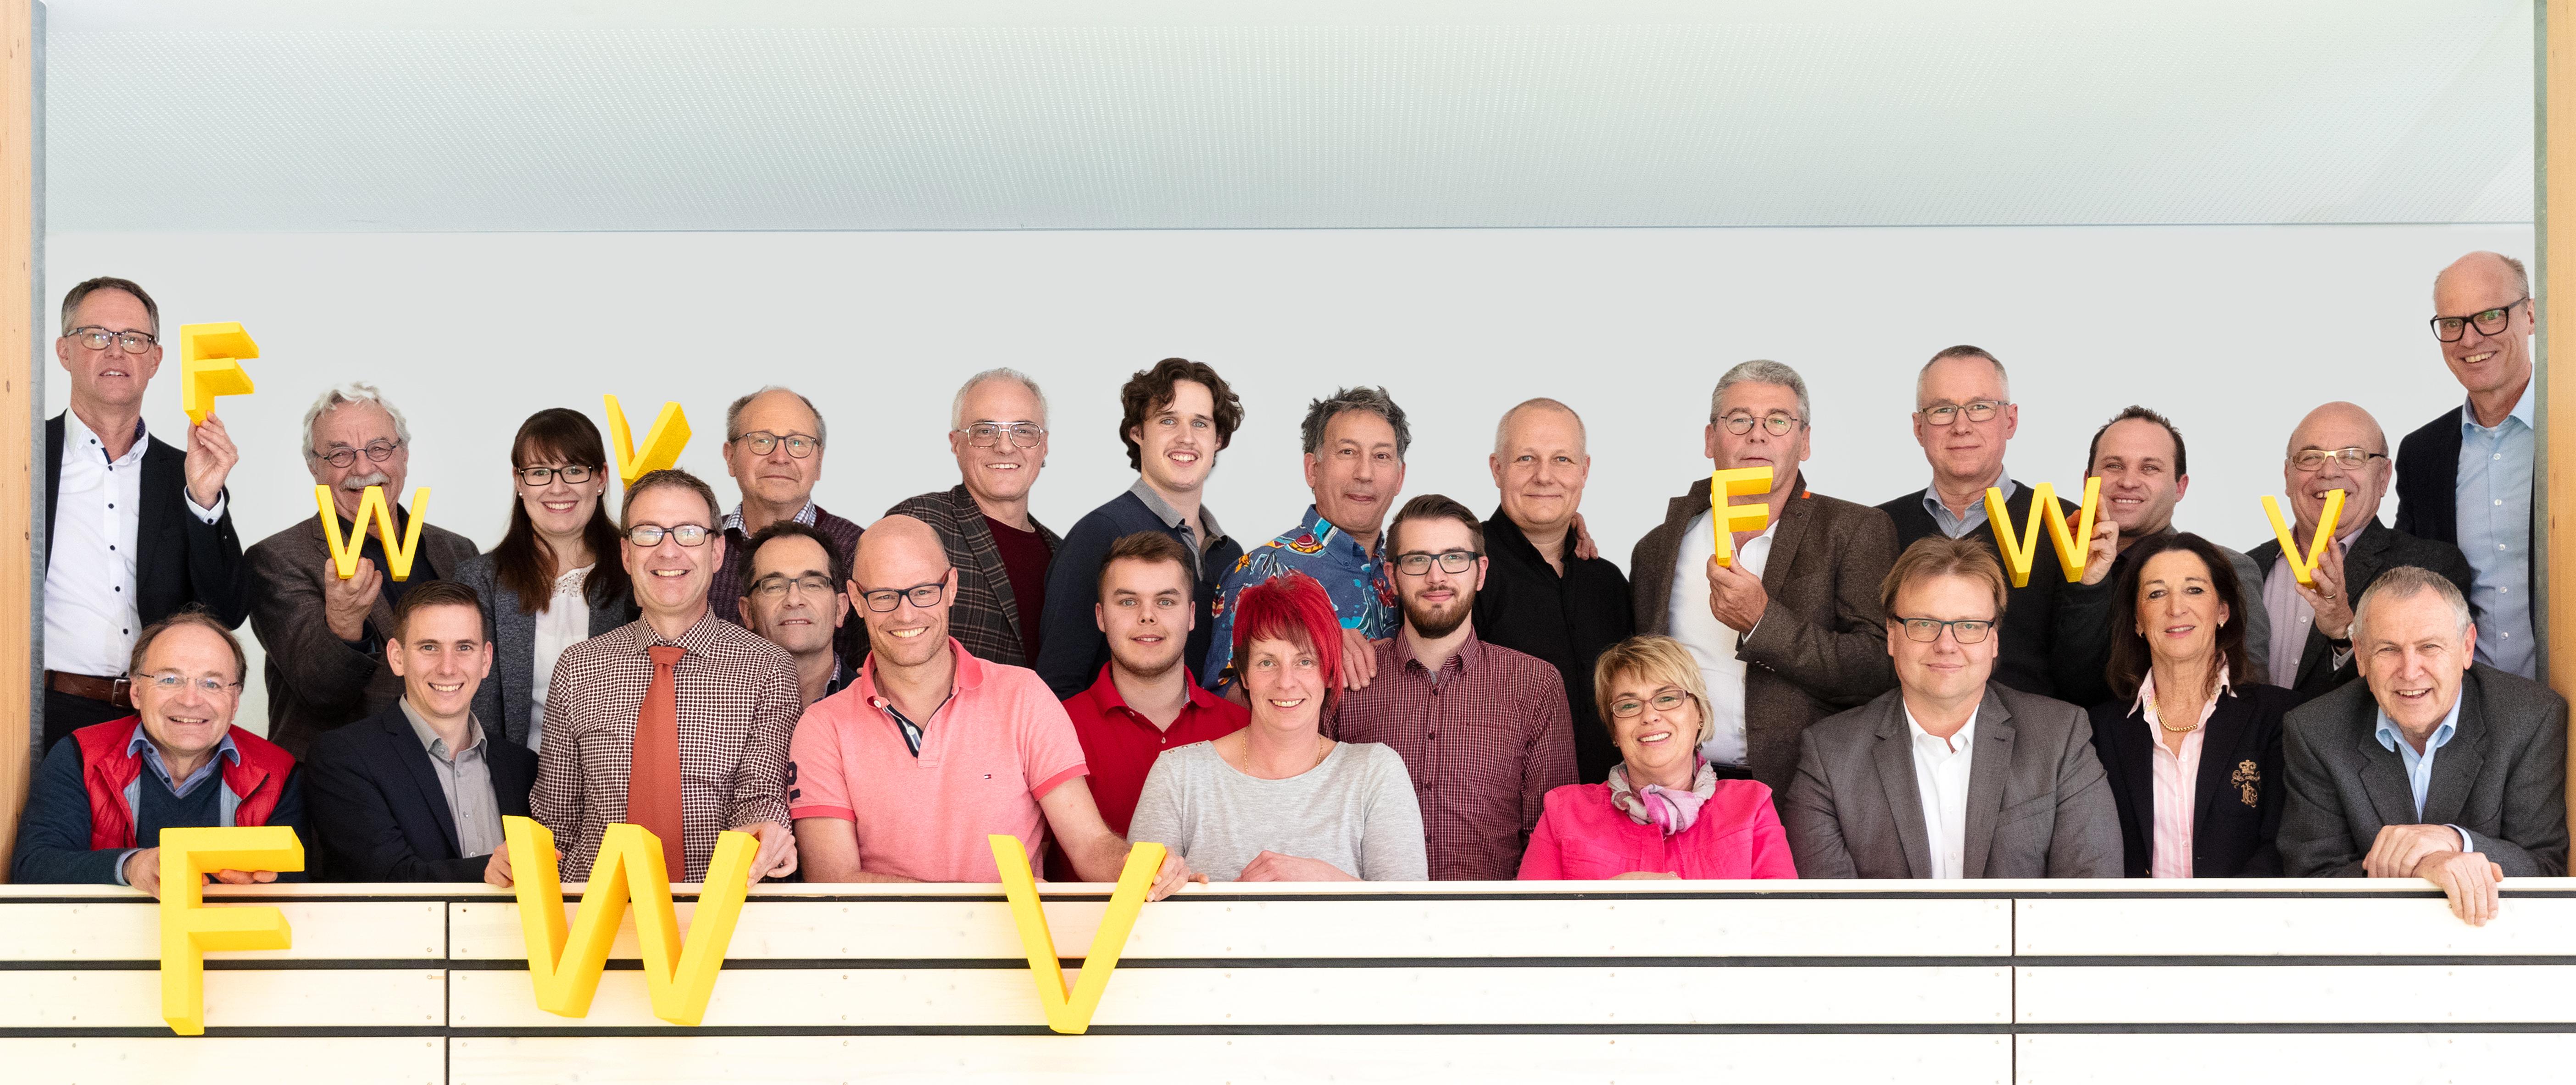 Die einzelnen Mitglieder der Gemeinderatsliste Freie Wähler Rottweil